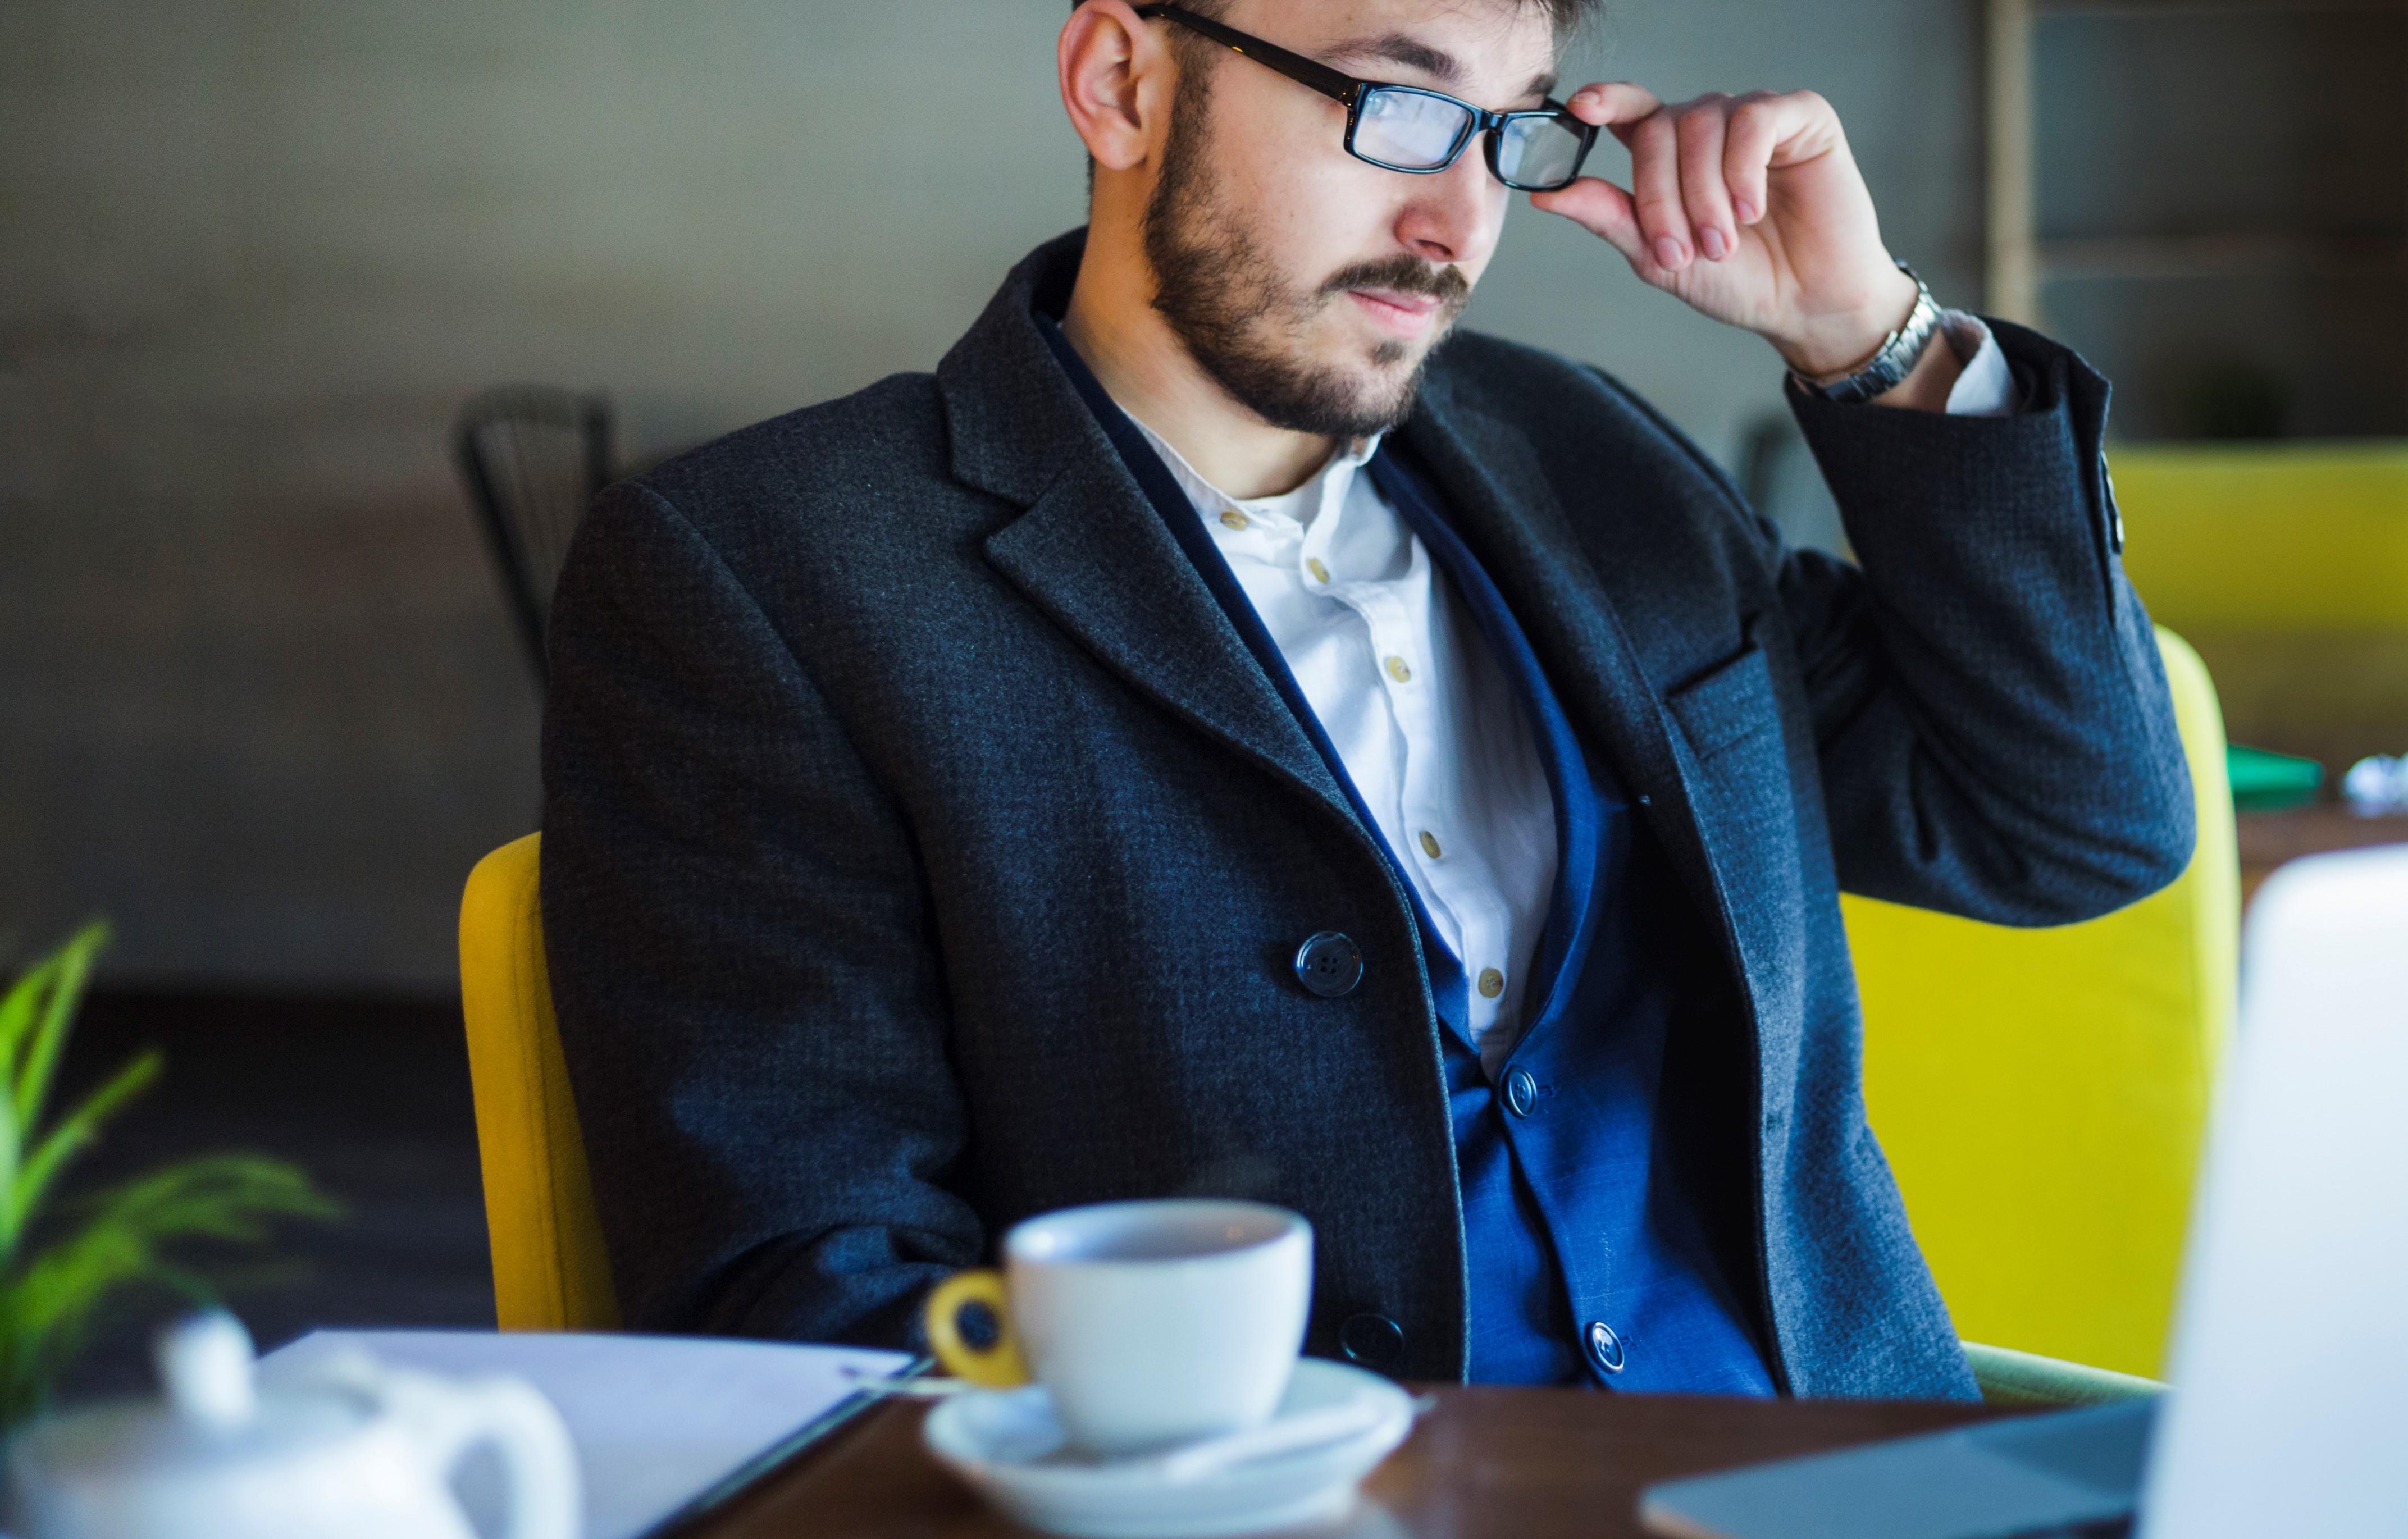 Questions You Should Ask Before Hiring A Web Developer